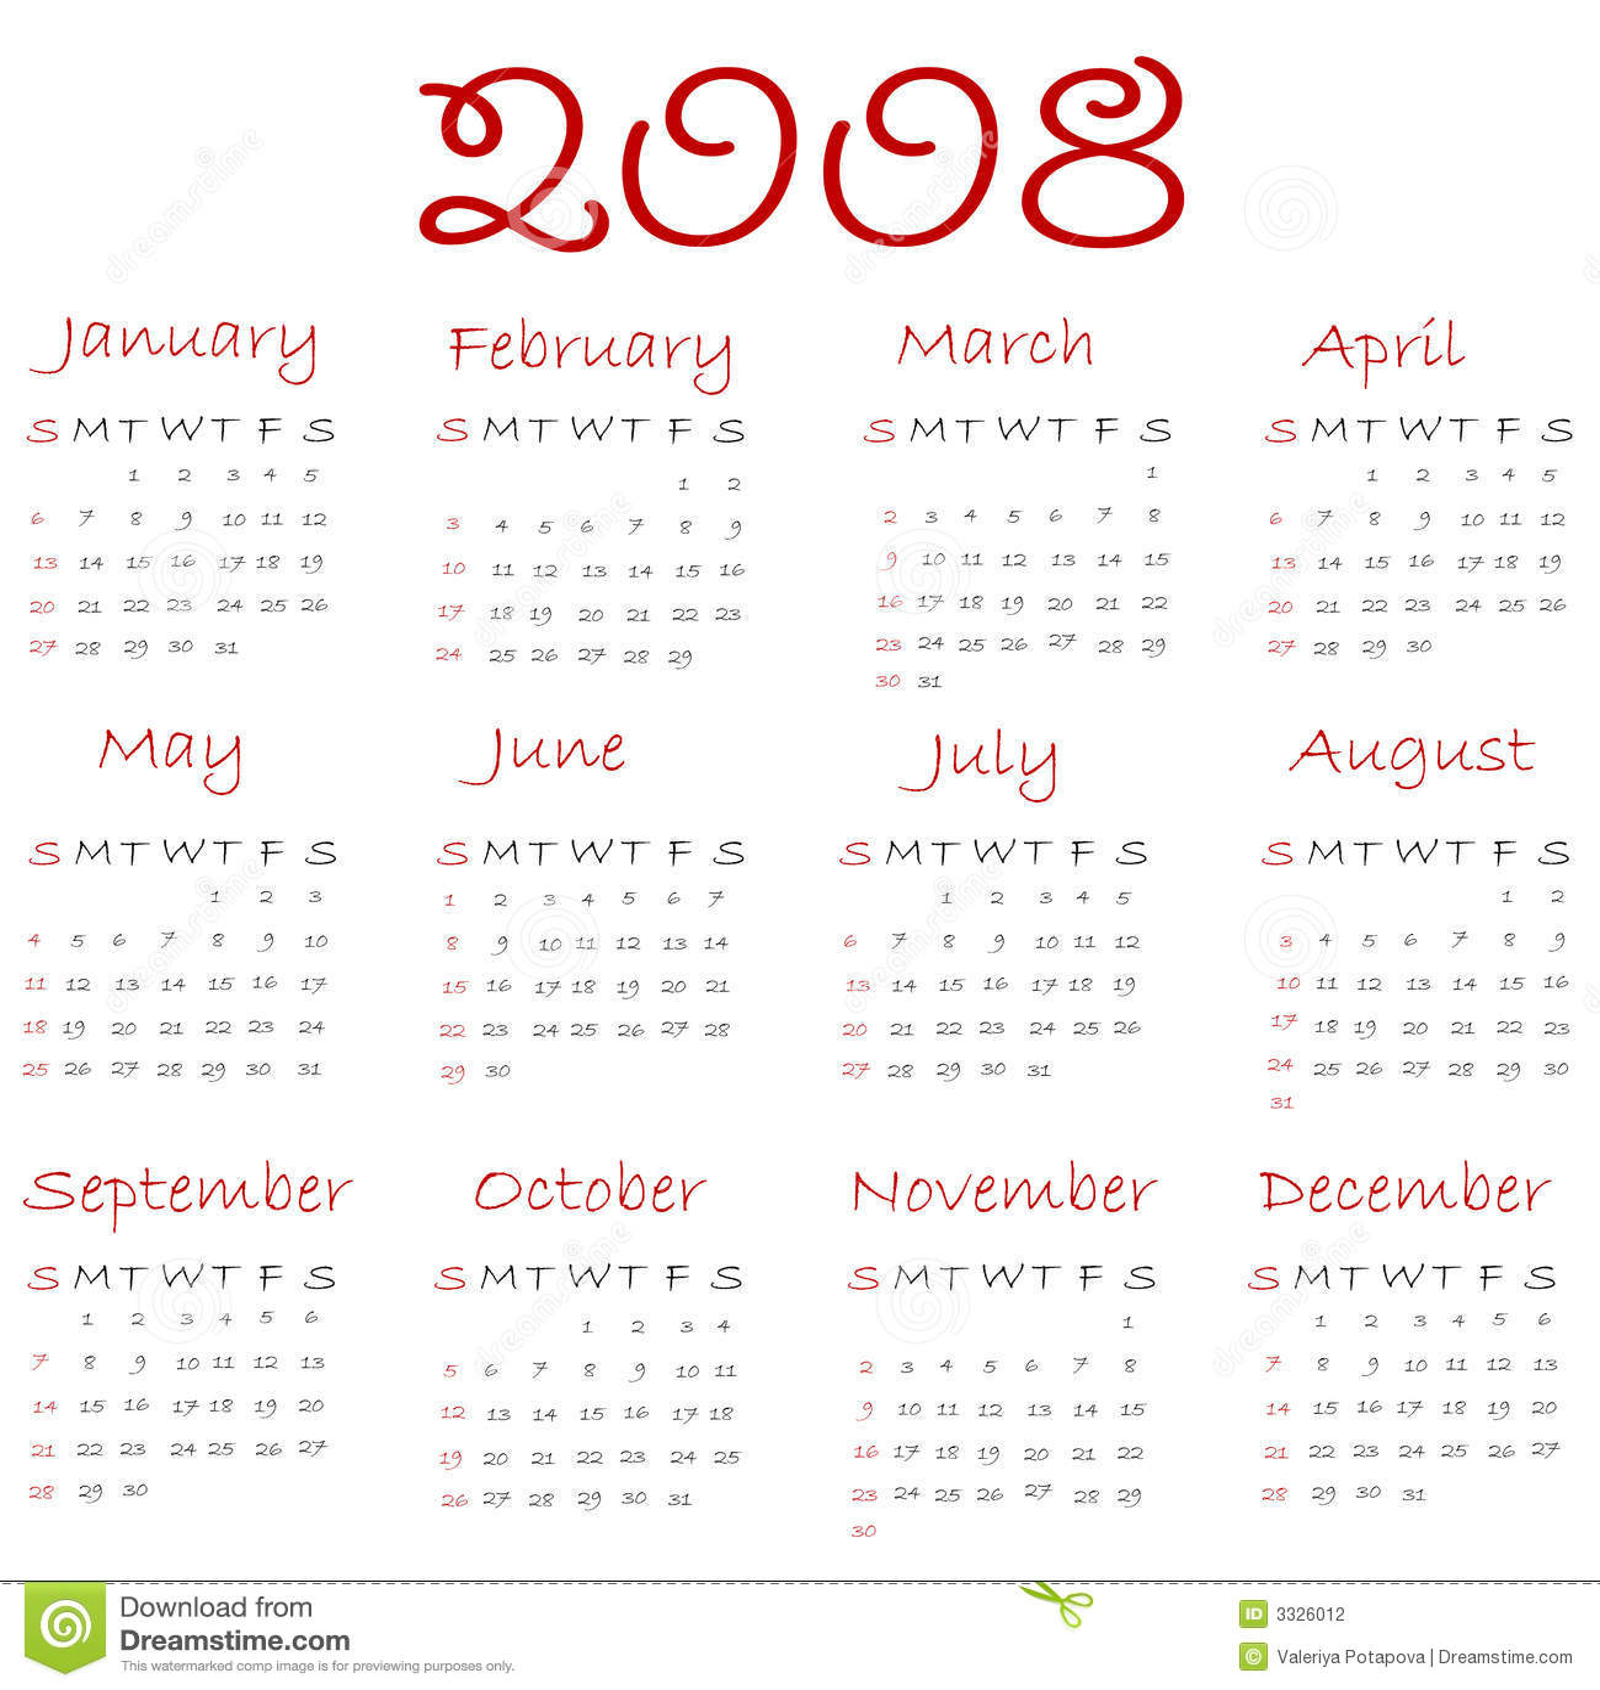 2008 календарь: